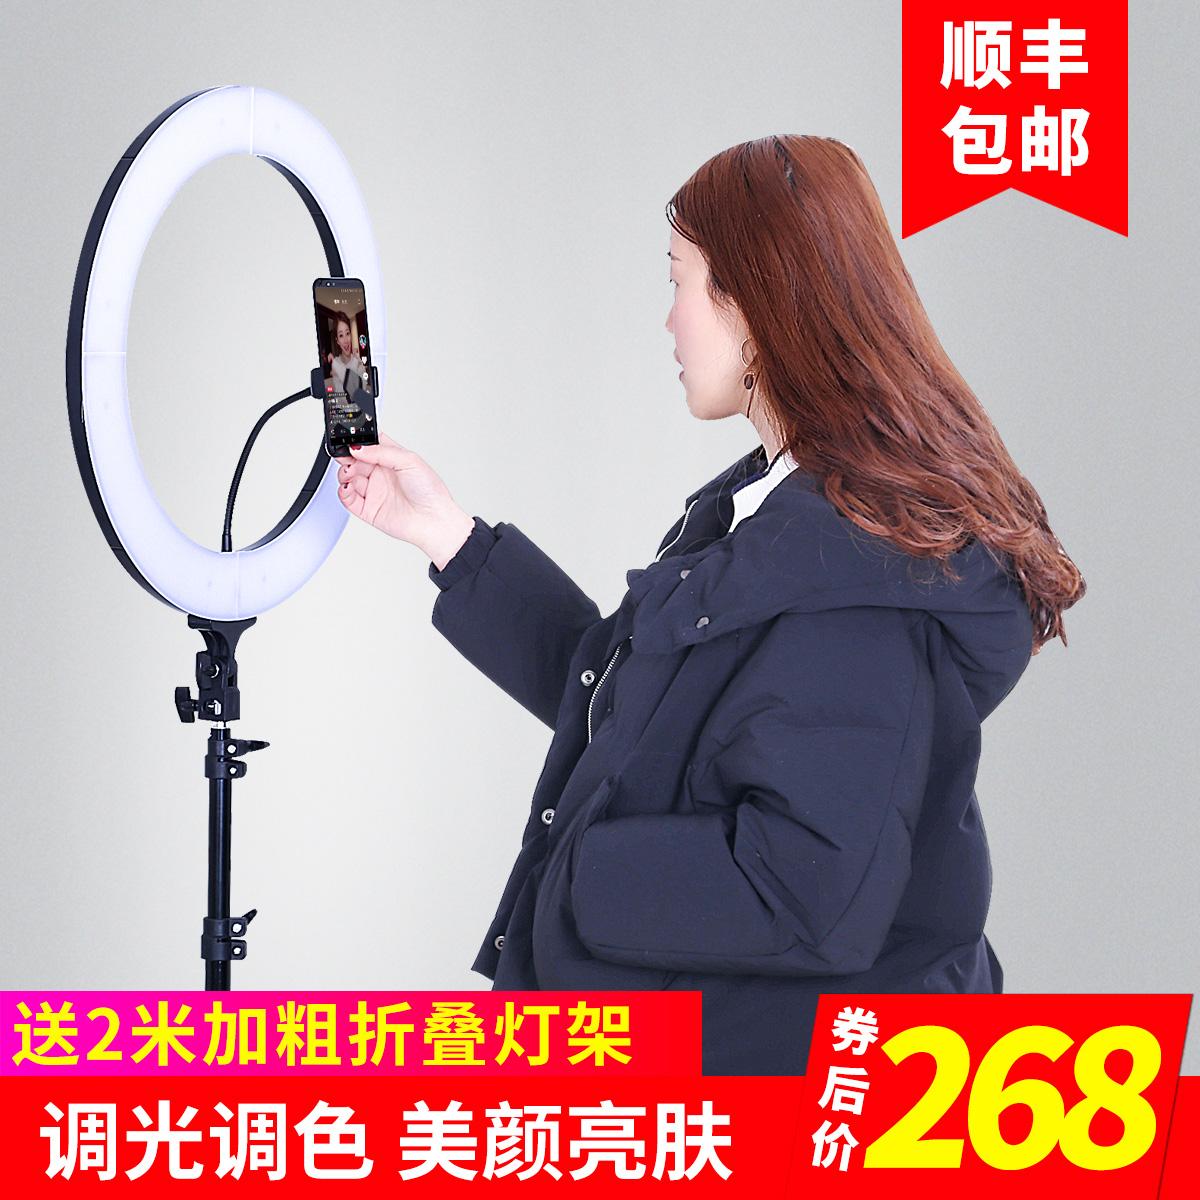 Светодиодный макияж свет Якорная омолаживающая камера для мобильного телефона высокая Очистить изображение кольца свет Артефакт Вибрато